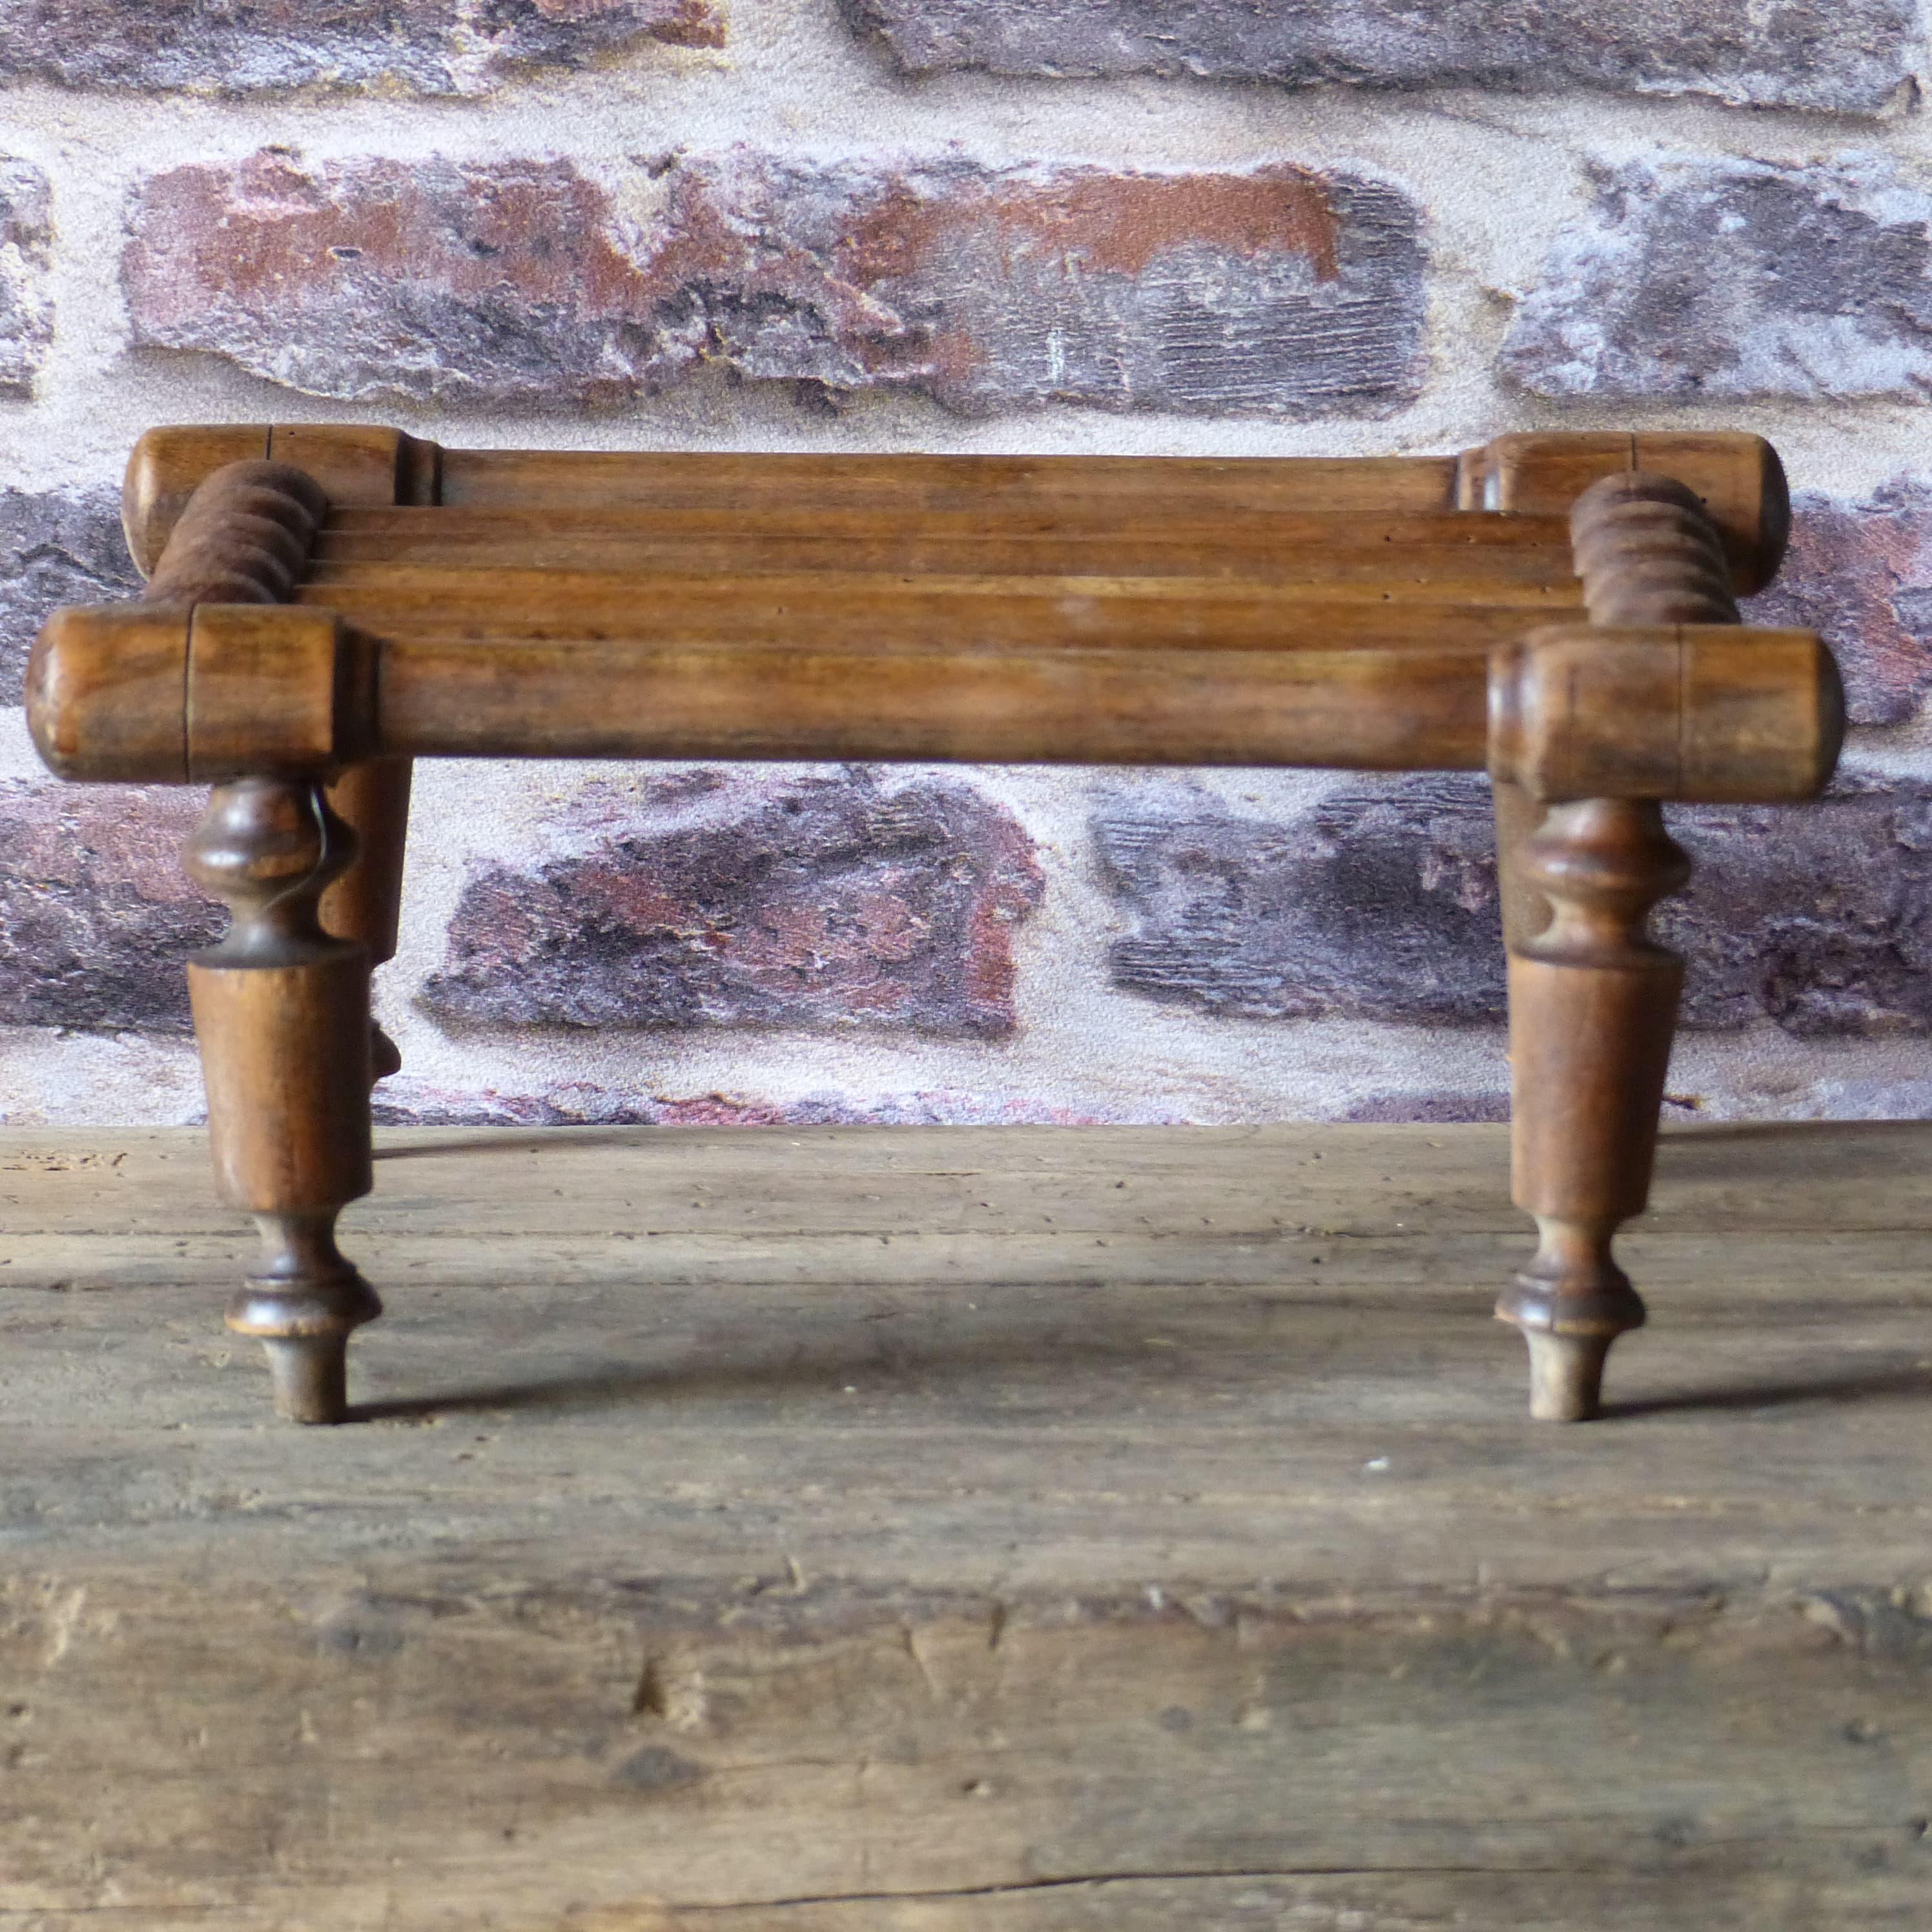 petit repose pied en bois tourn lignedebrocante brocante en ligne chine pour vous meubles. Black Bedroom Furniture Sets. Home Design Ideas